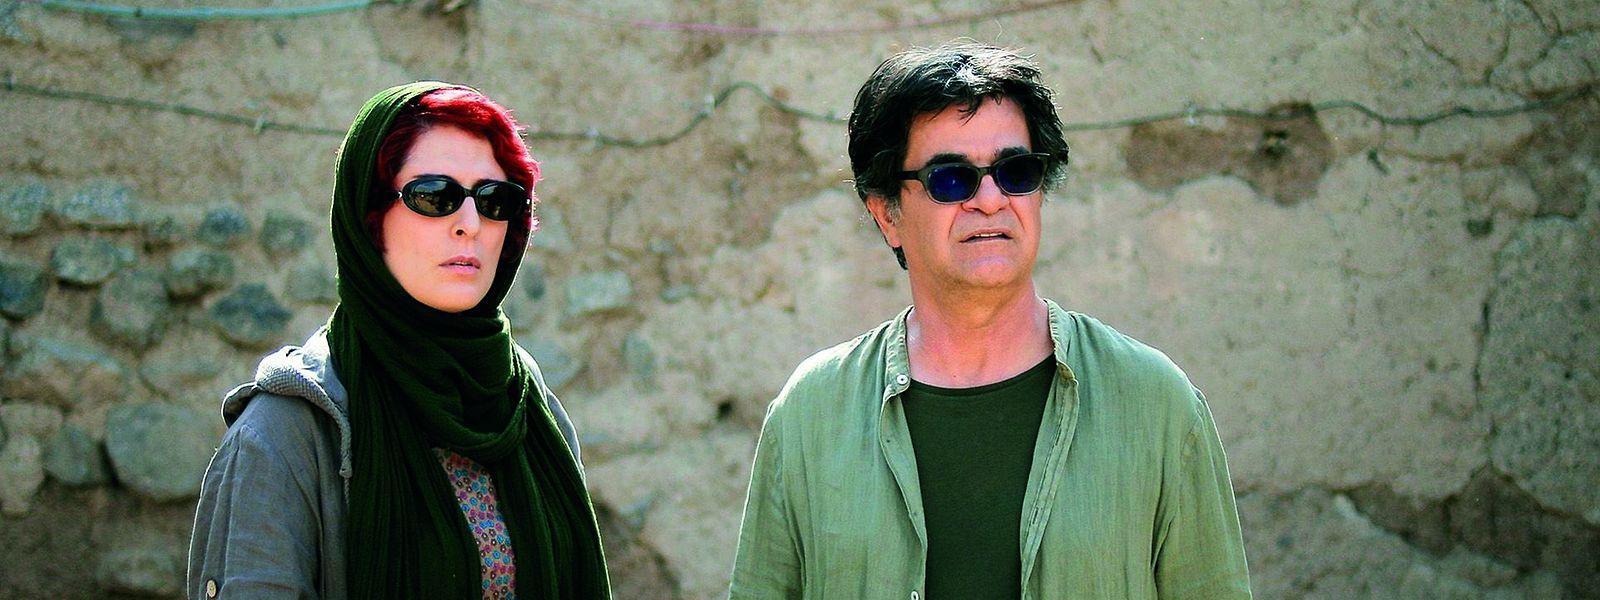 Schauspielerin Behnaz Jafari und Filmregisseur Jafar Panahi. Sie spielen im Film ihre eigenen Rollen.